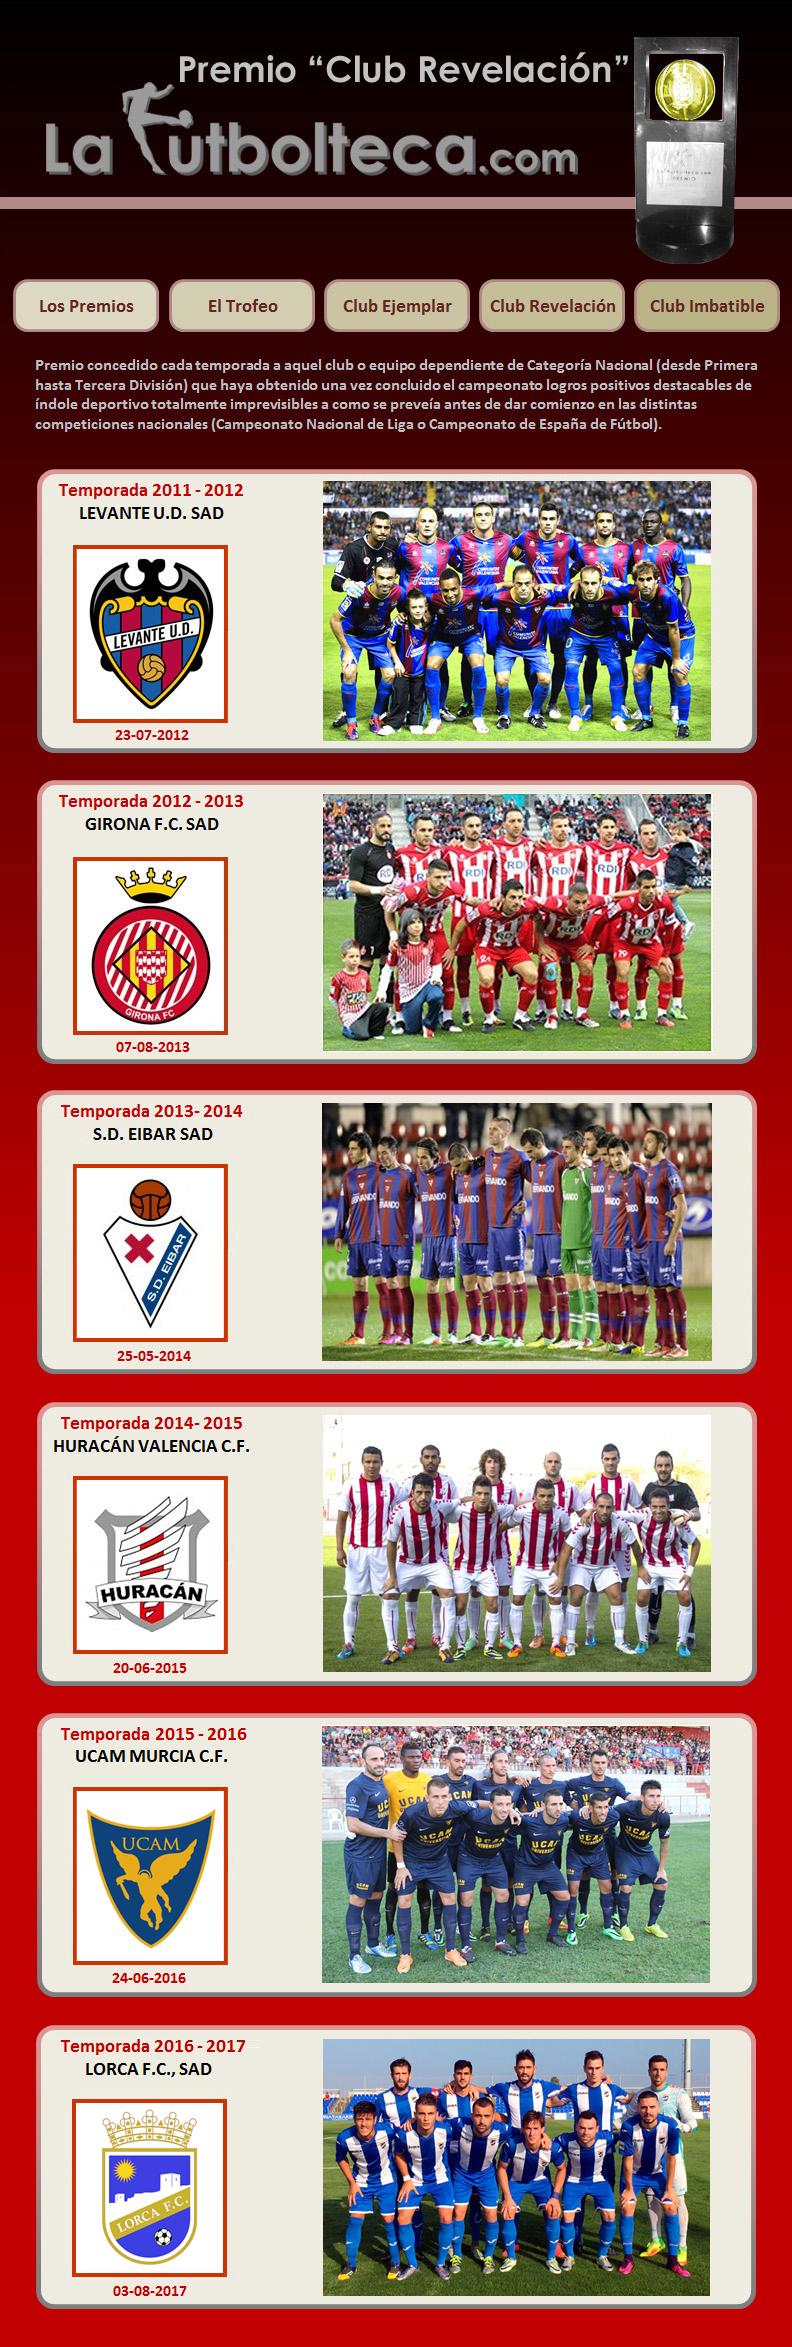 Premios La Futbolteca Club Revelacion